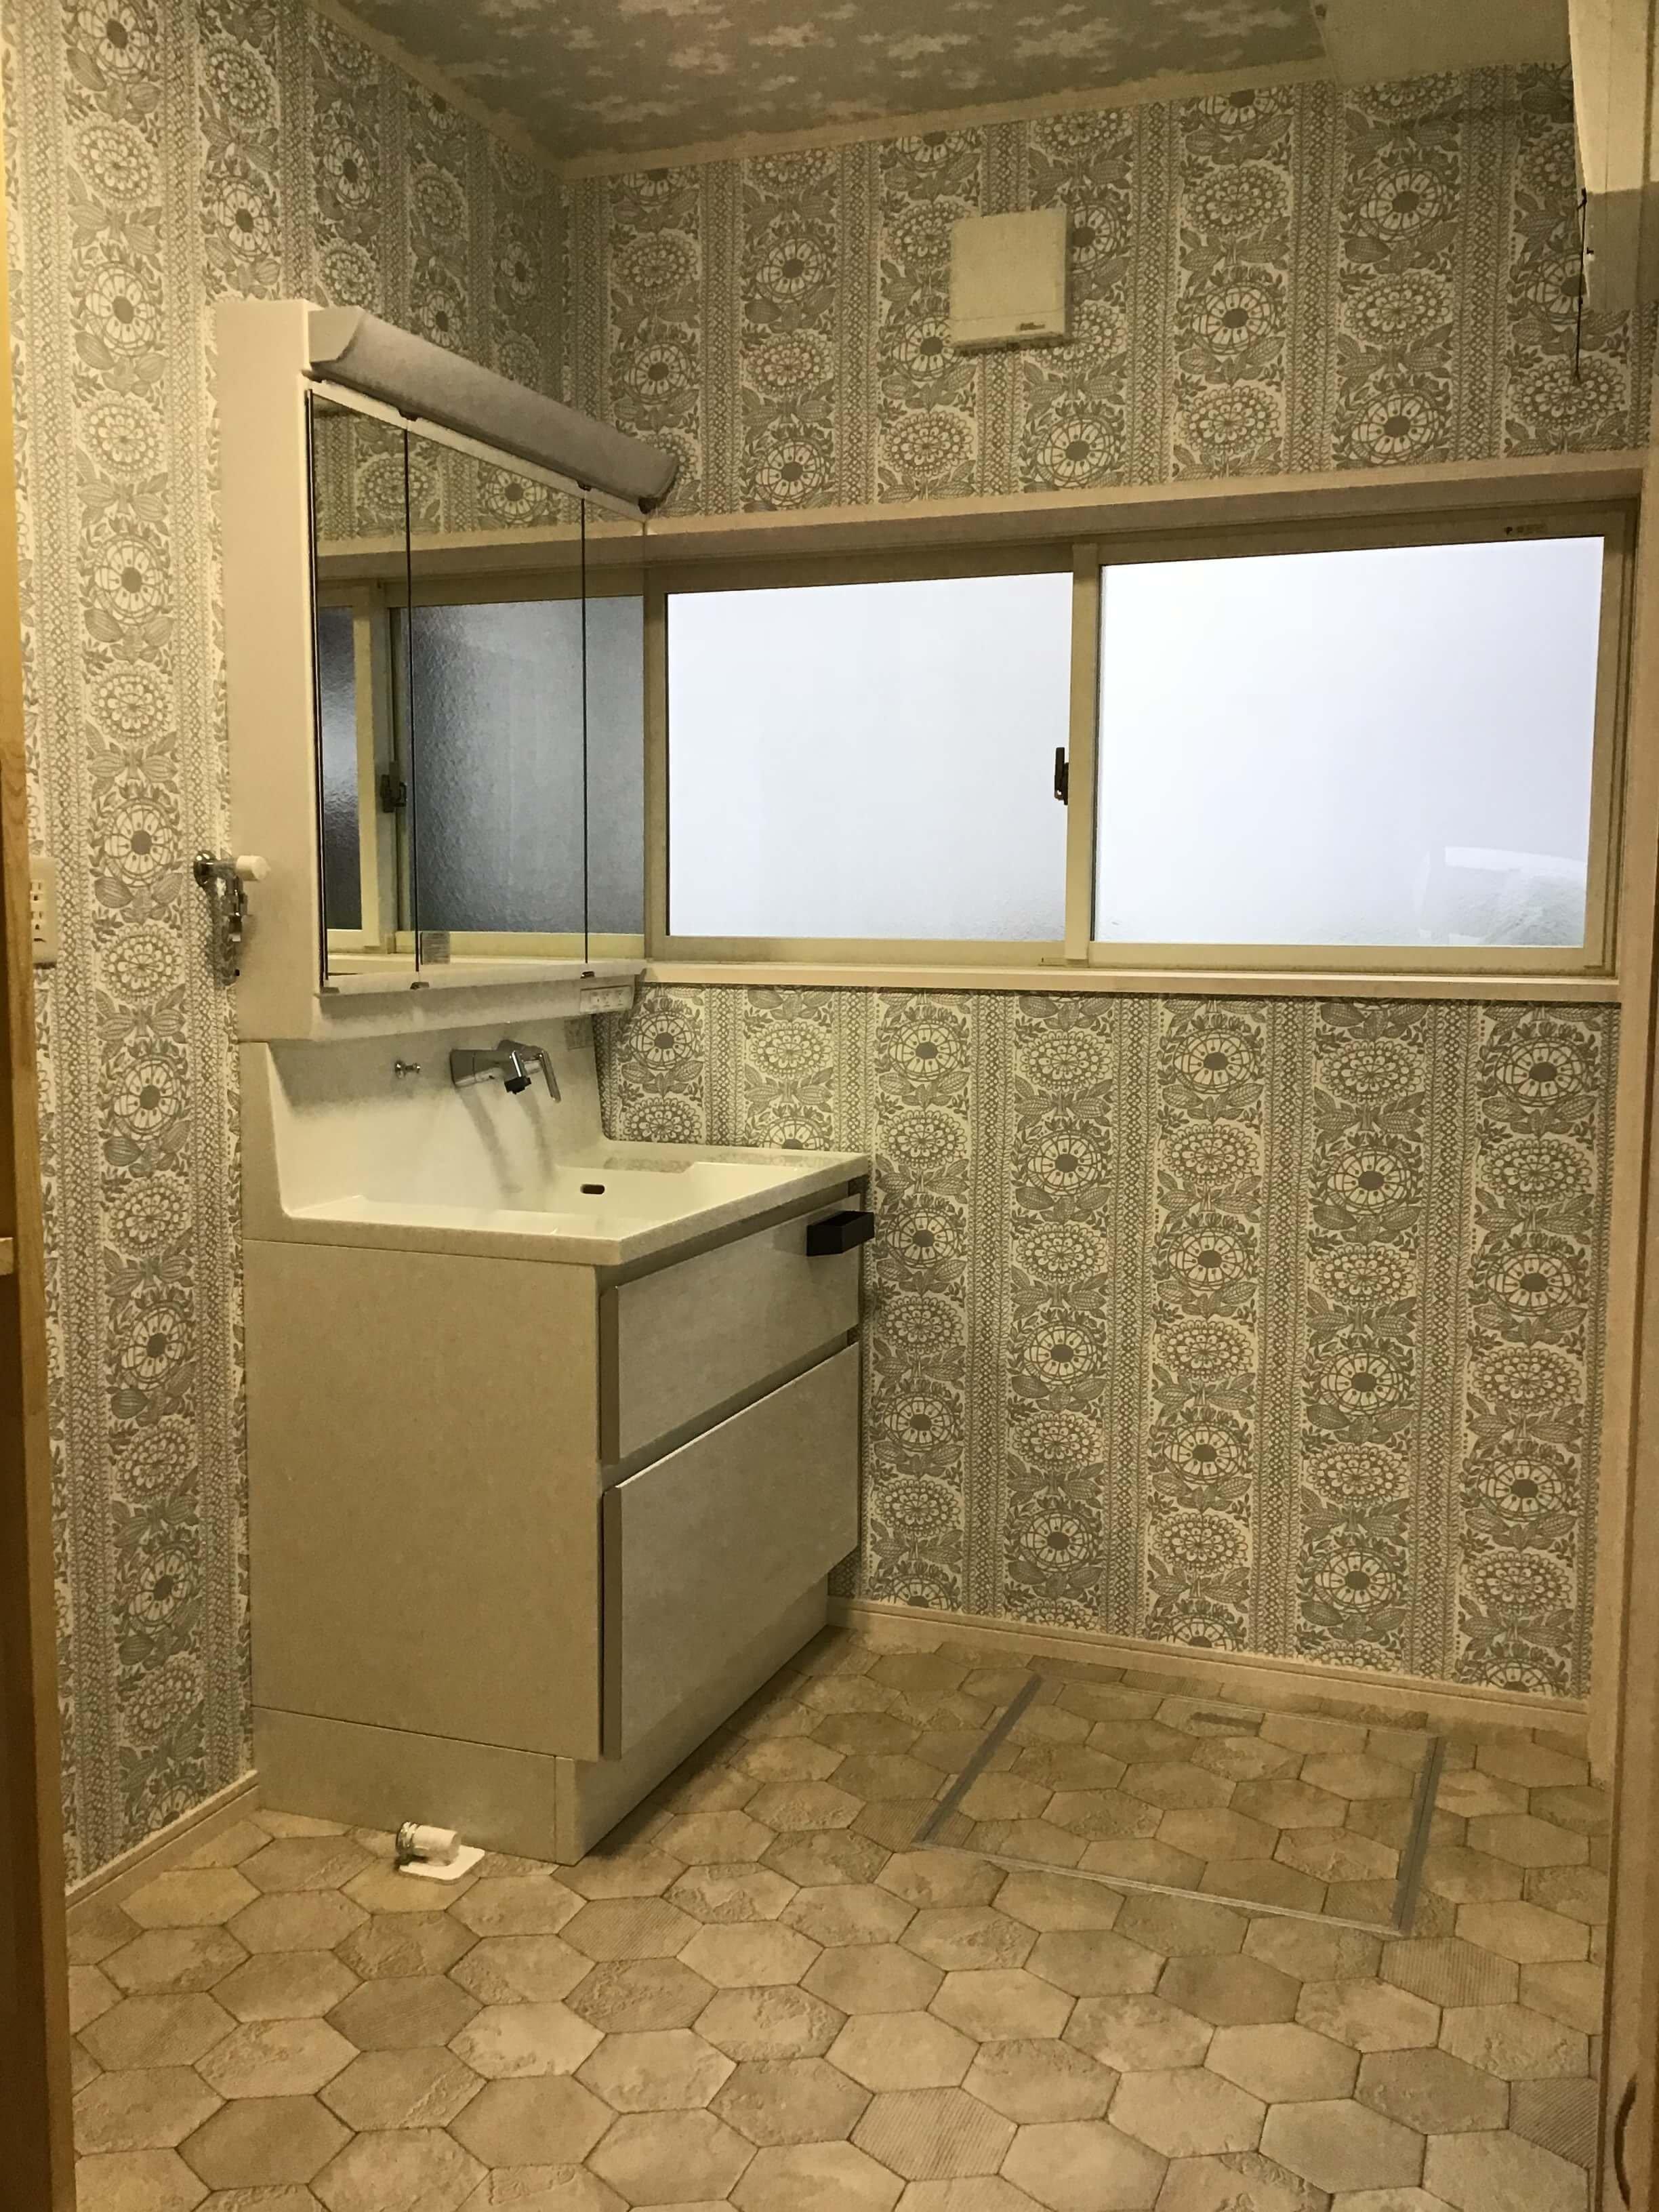 S様邸 洗面所改修工事